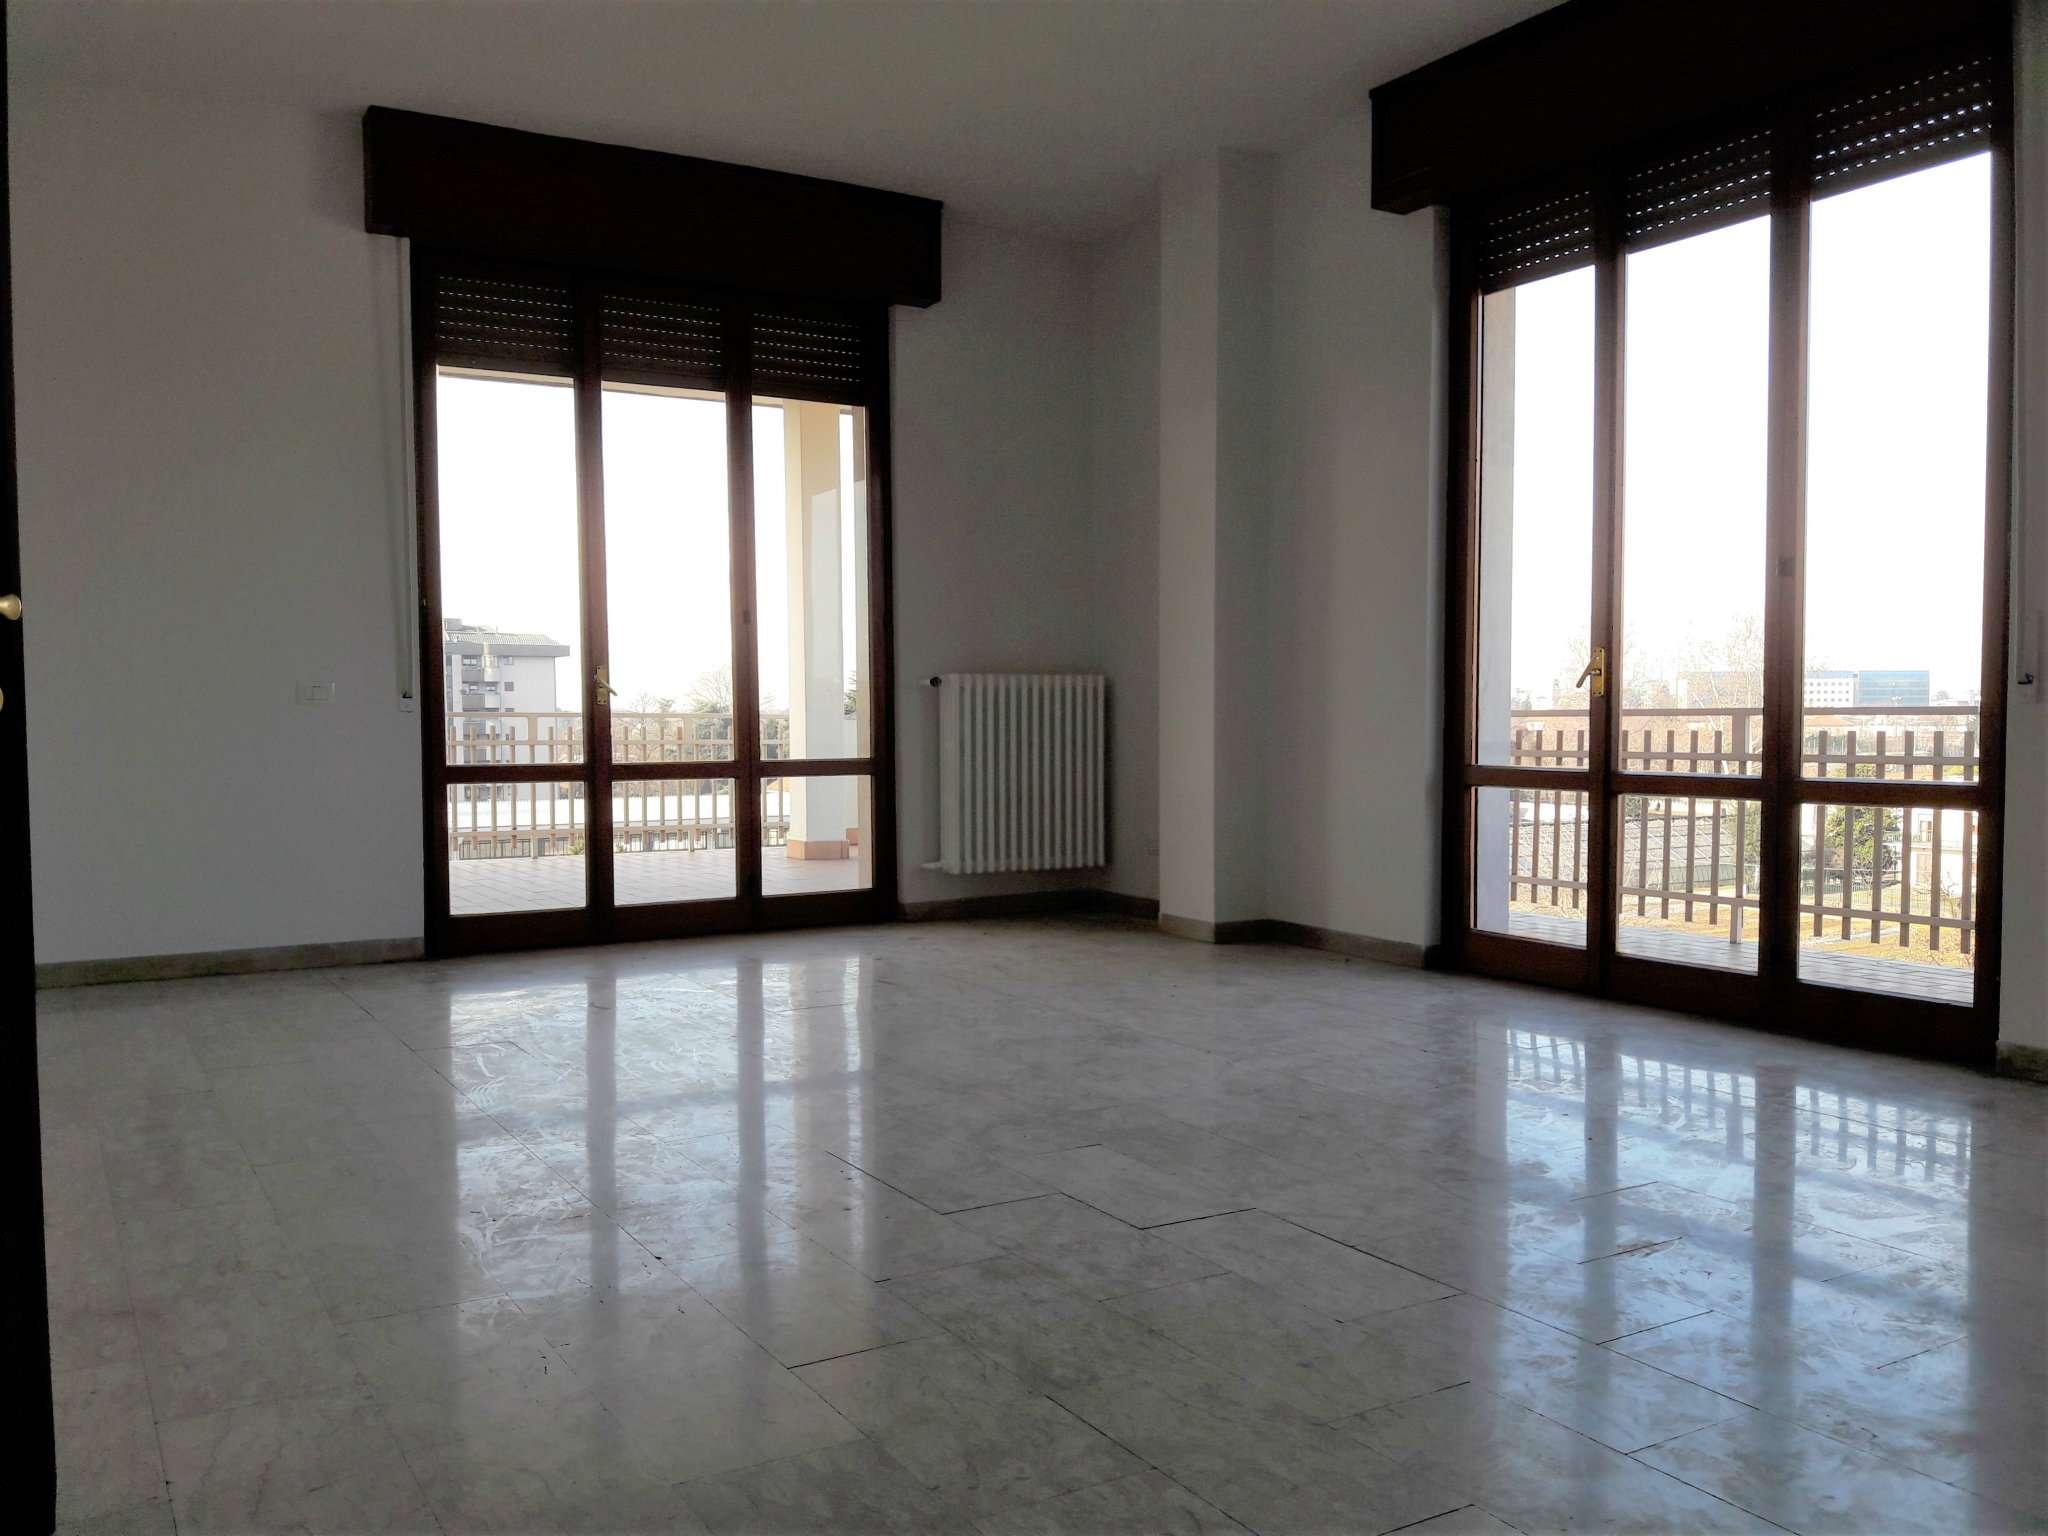 Attico / Mansarda in affitto a Monza, 4 locali, zona Zona: 6 . Triante, San Fruttuoso, Taccona, prezzo € 750 | Cambio Casa.it